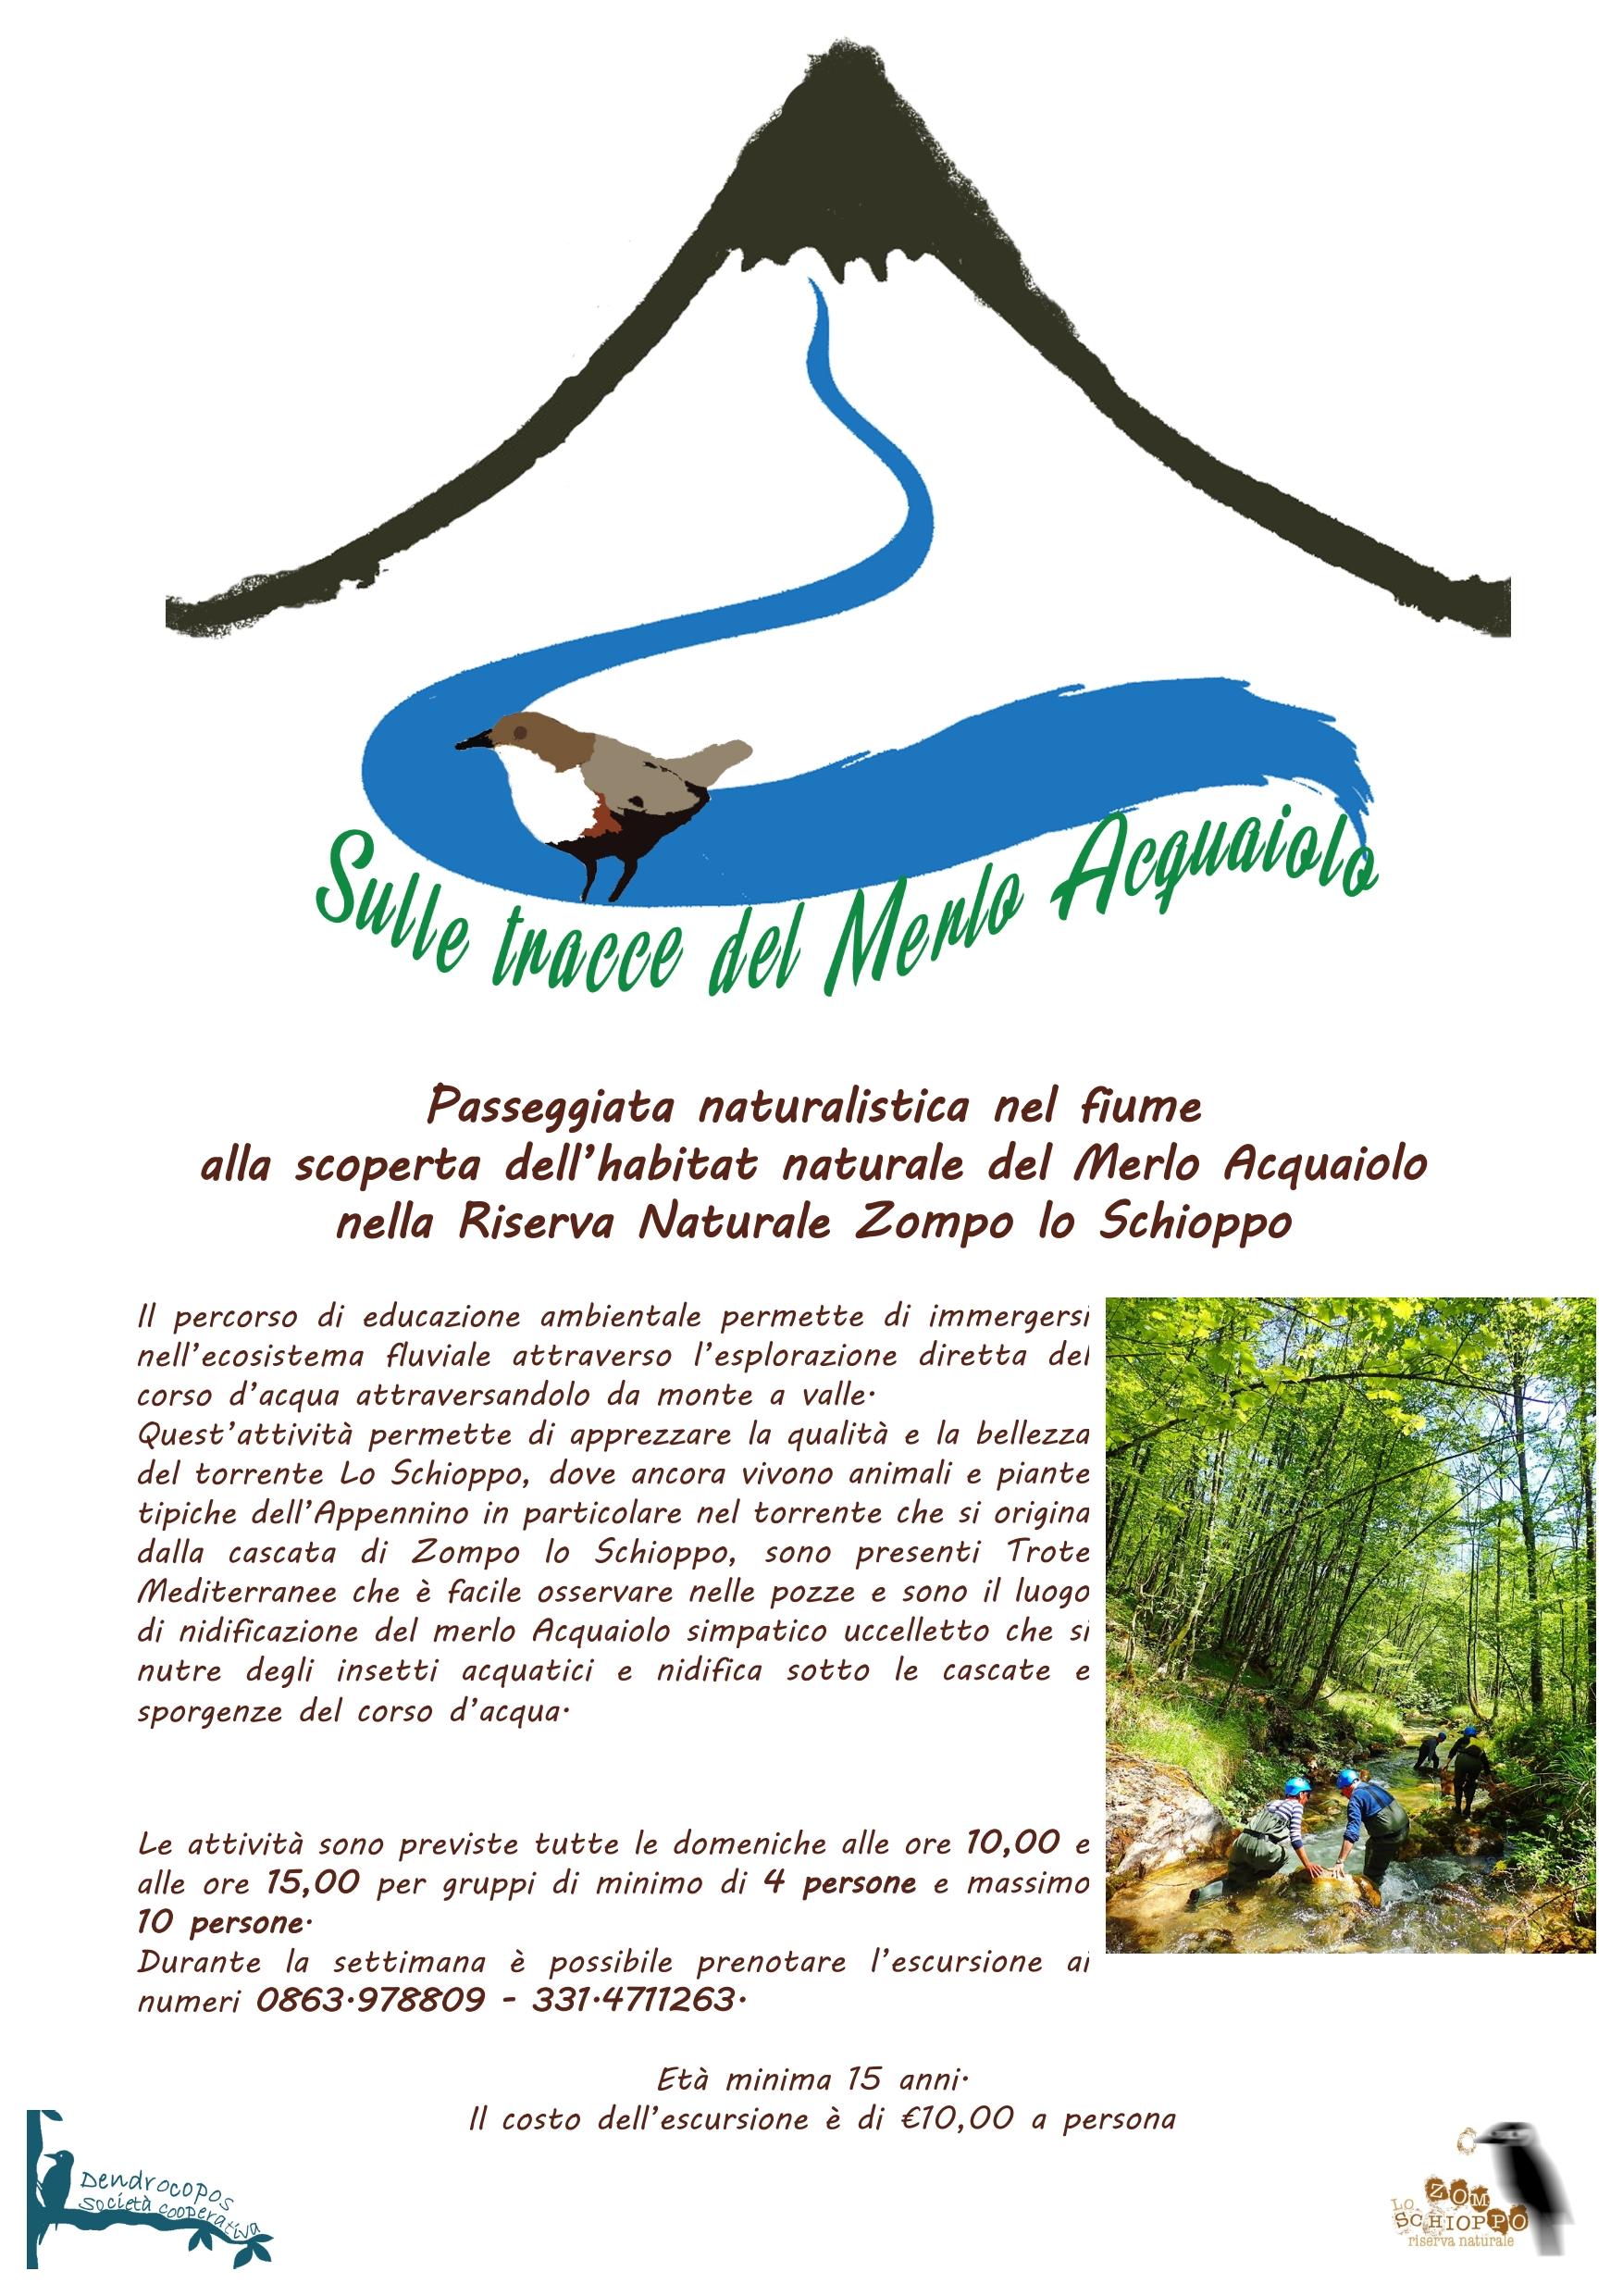 locandina merlo acquaiolo_001